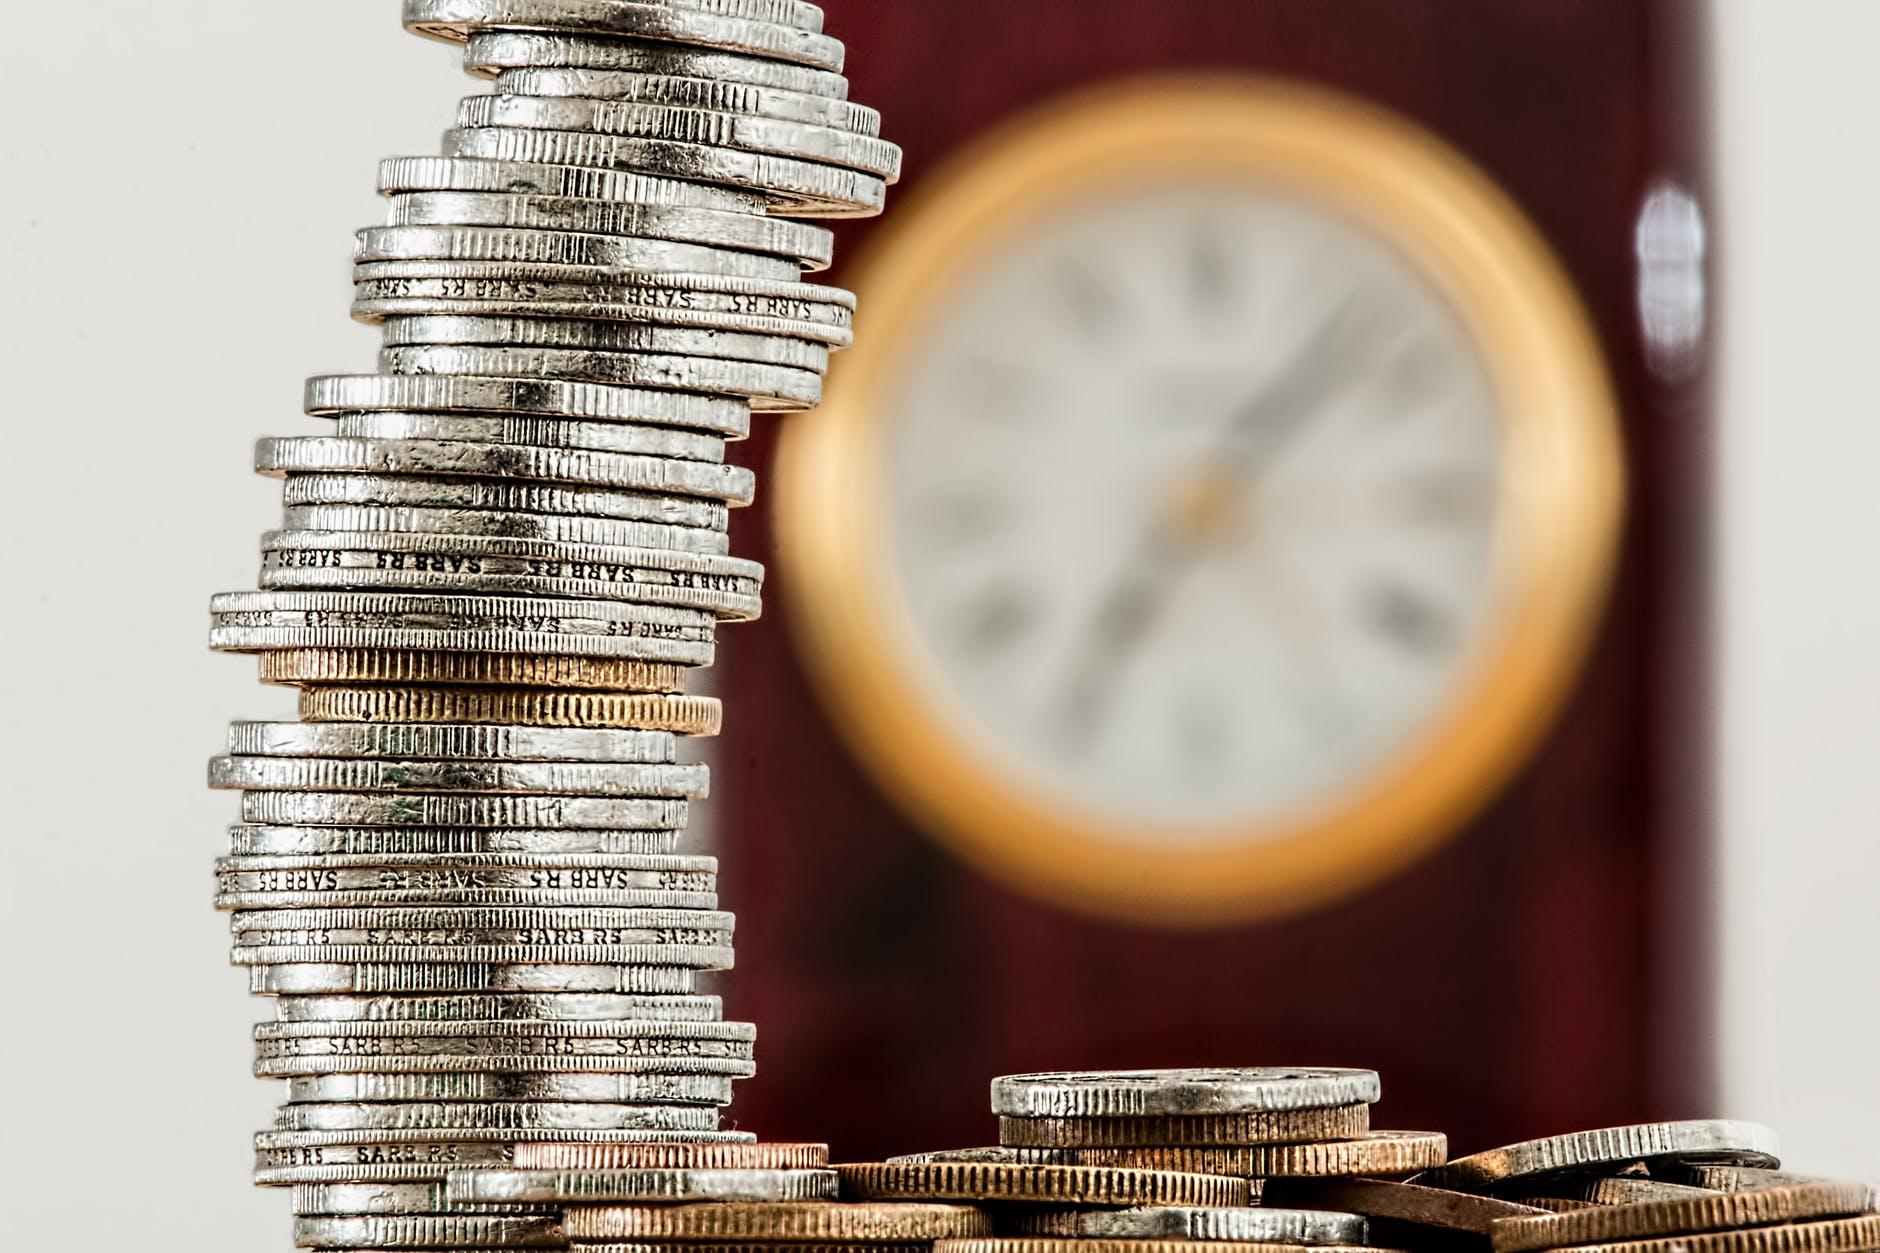 Северный инвестиционный банк предоставил Латвии кредит на 500 млн евро для ликвидации последствий «Covid-19»